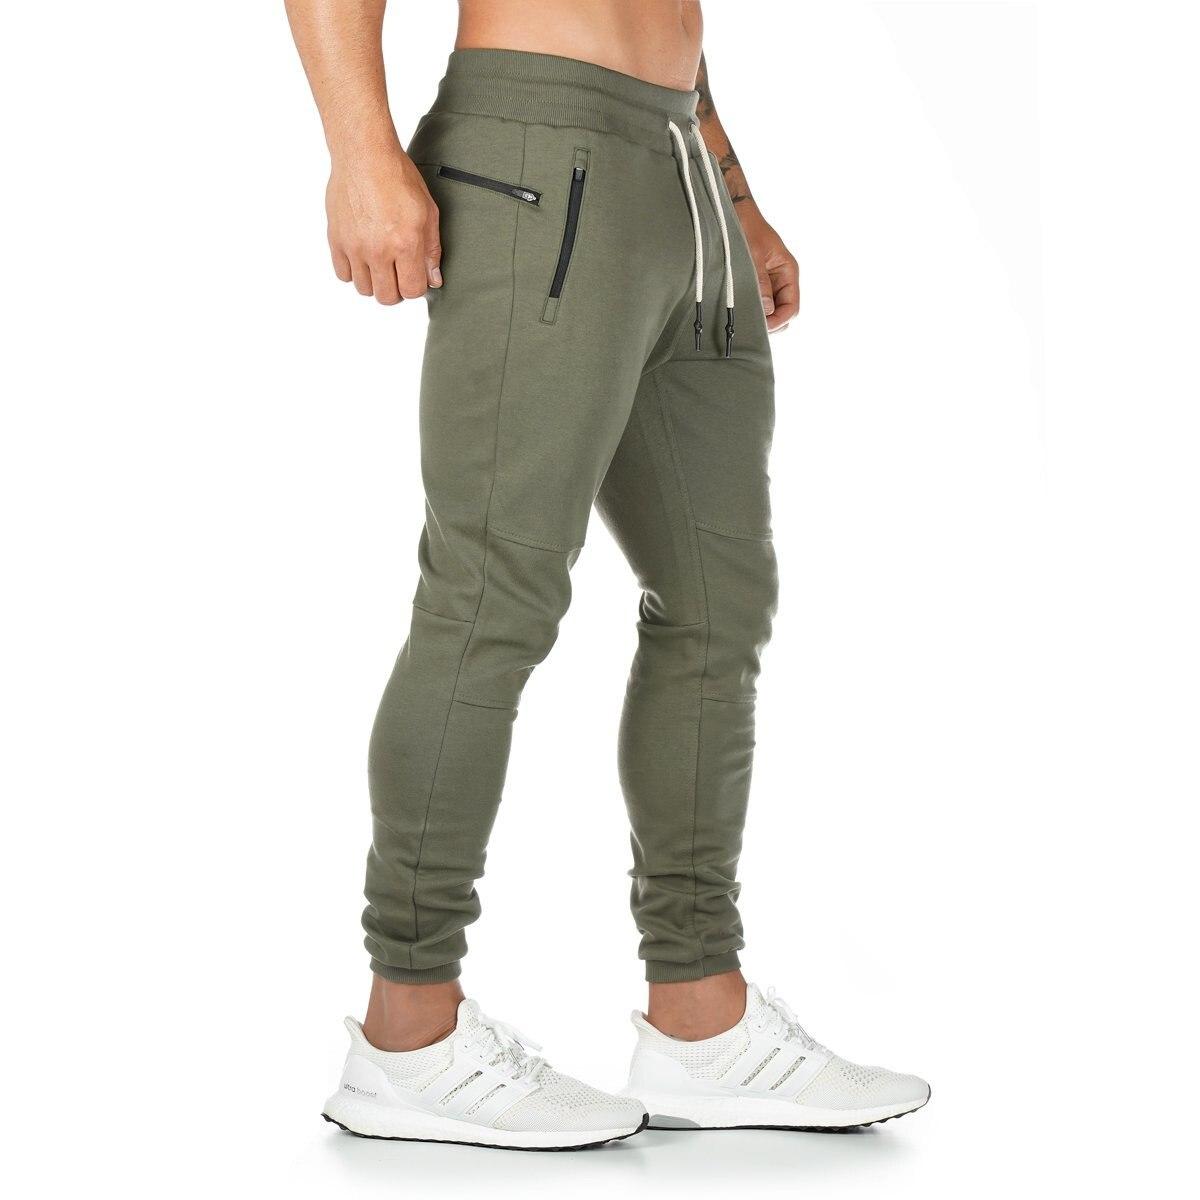 Брюки мужские повседневные, джоггеры, шаровары в стиле хип-хоп, однотонные спортивные штаны с несколькими карманами, осень